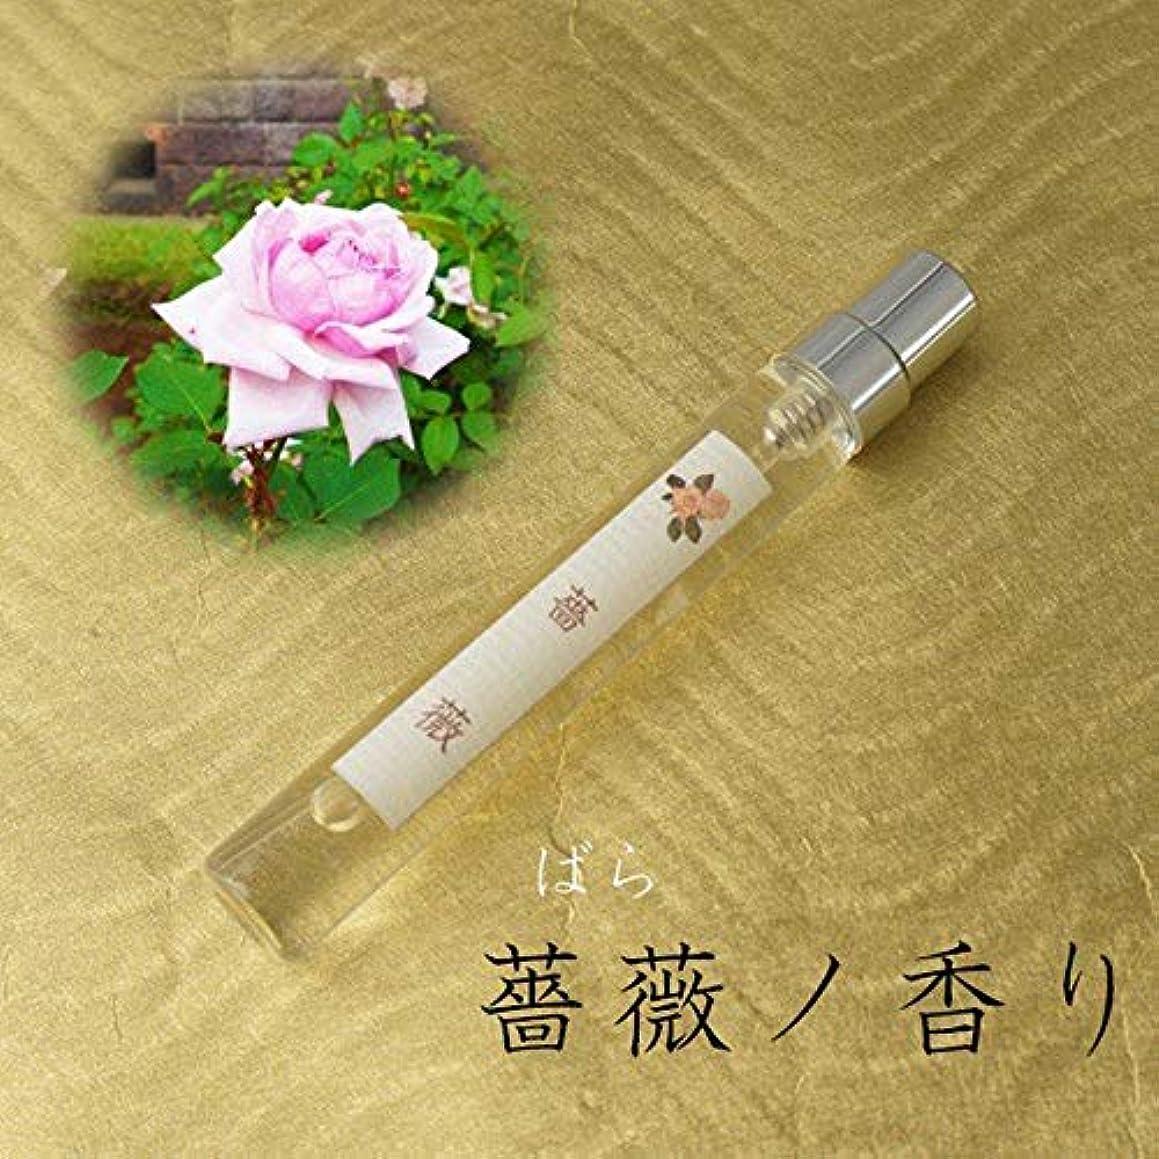 大使館物足りないもっともらしい和香水「そこに花ノ香シリーズ」10ml (薔薇)